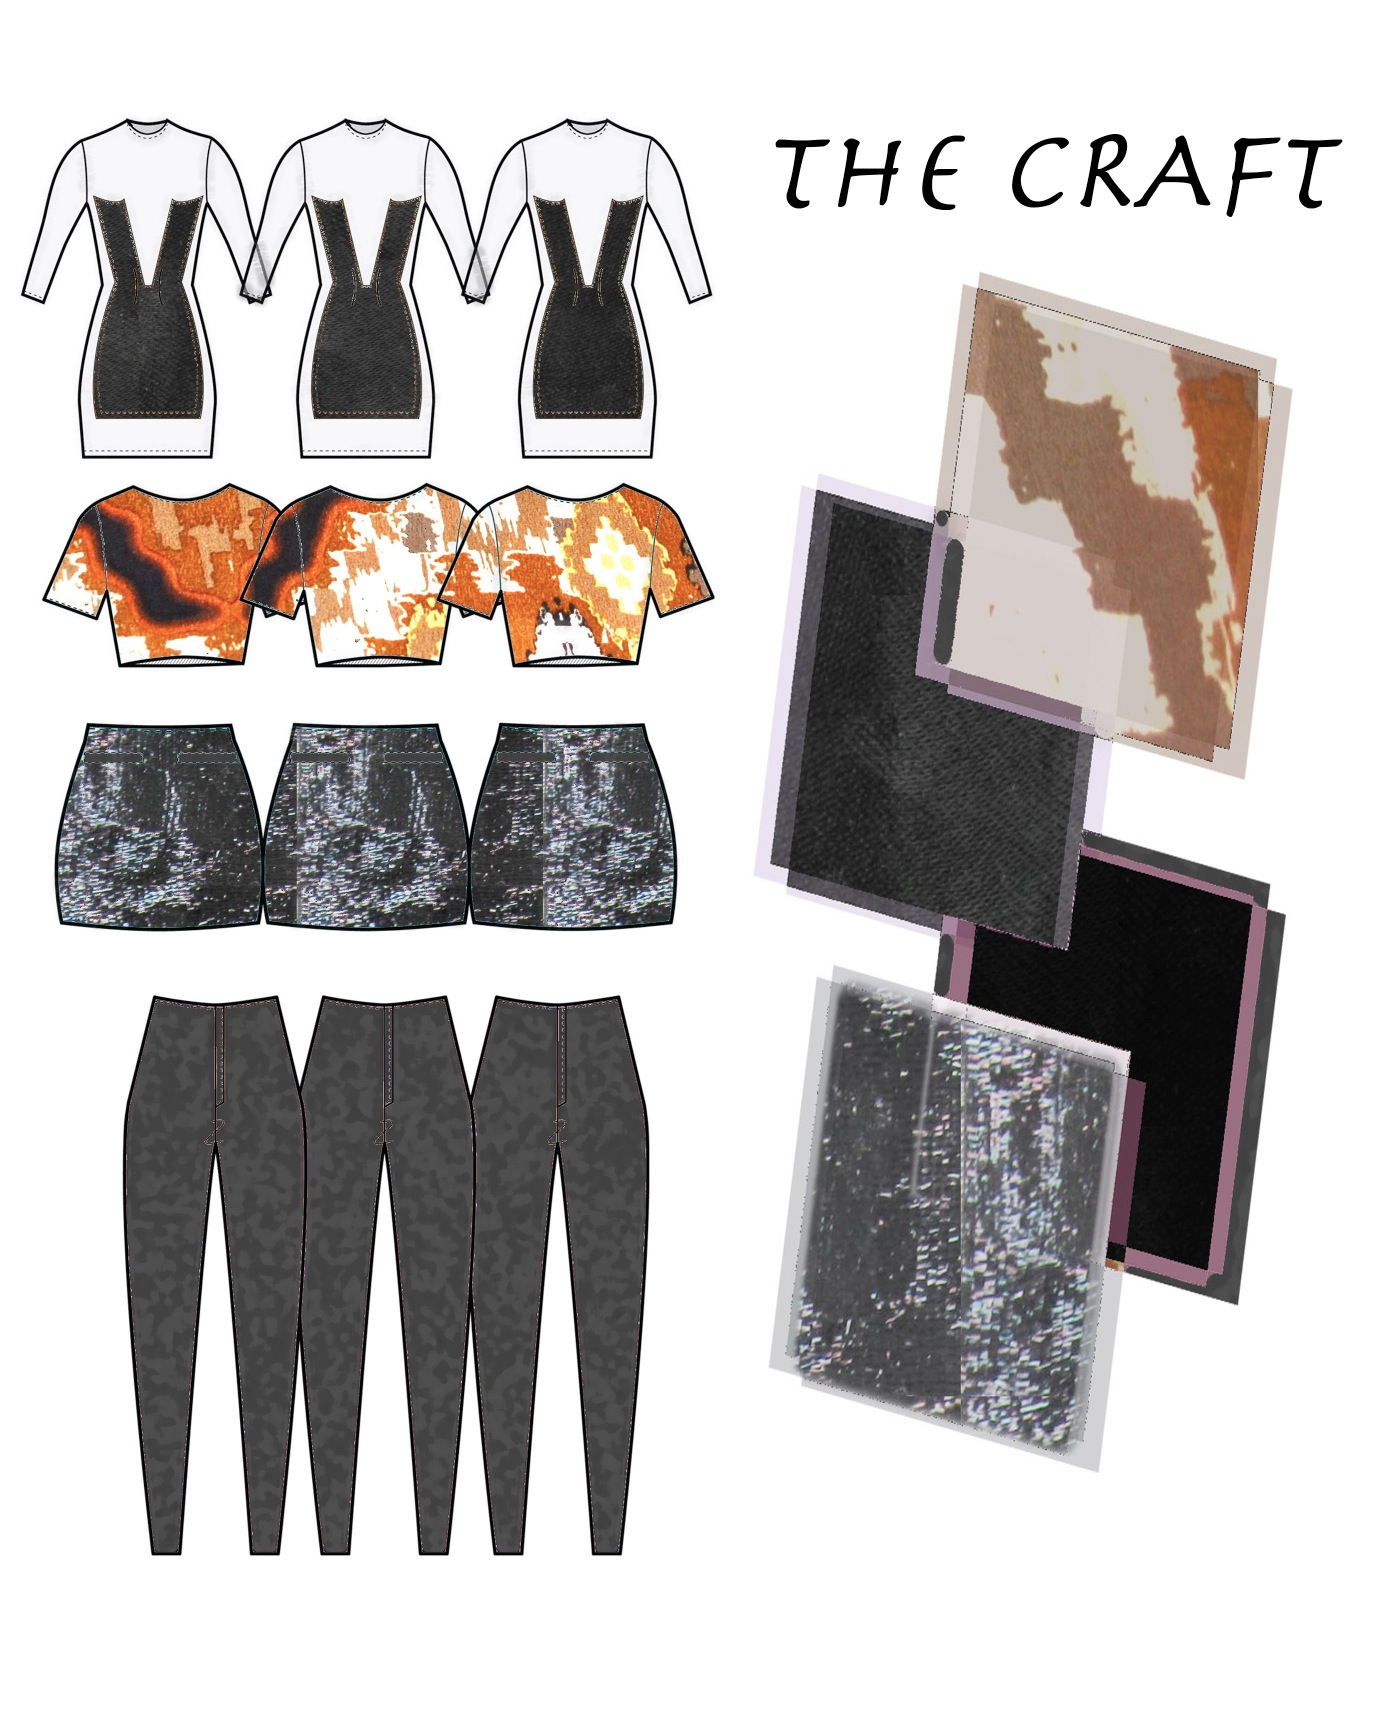 wpid-craftflats-2011-05-4-17-241.jpg